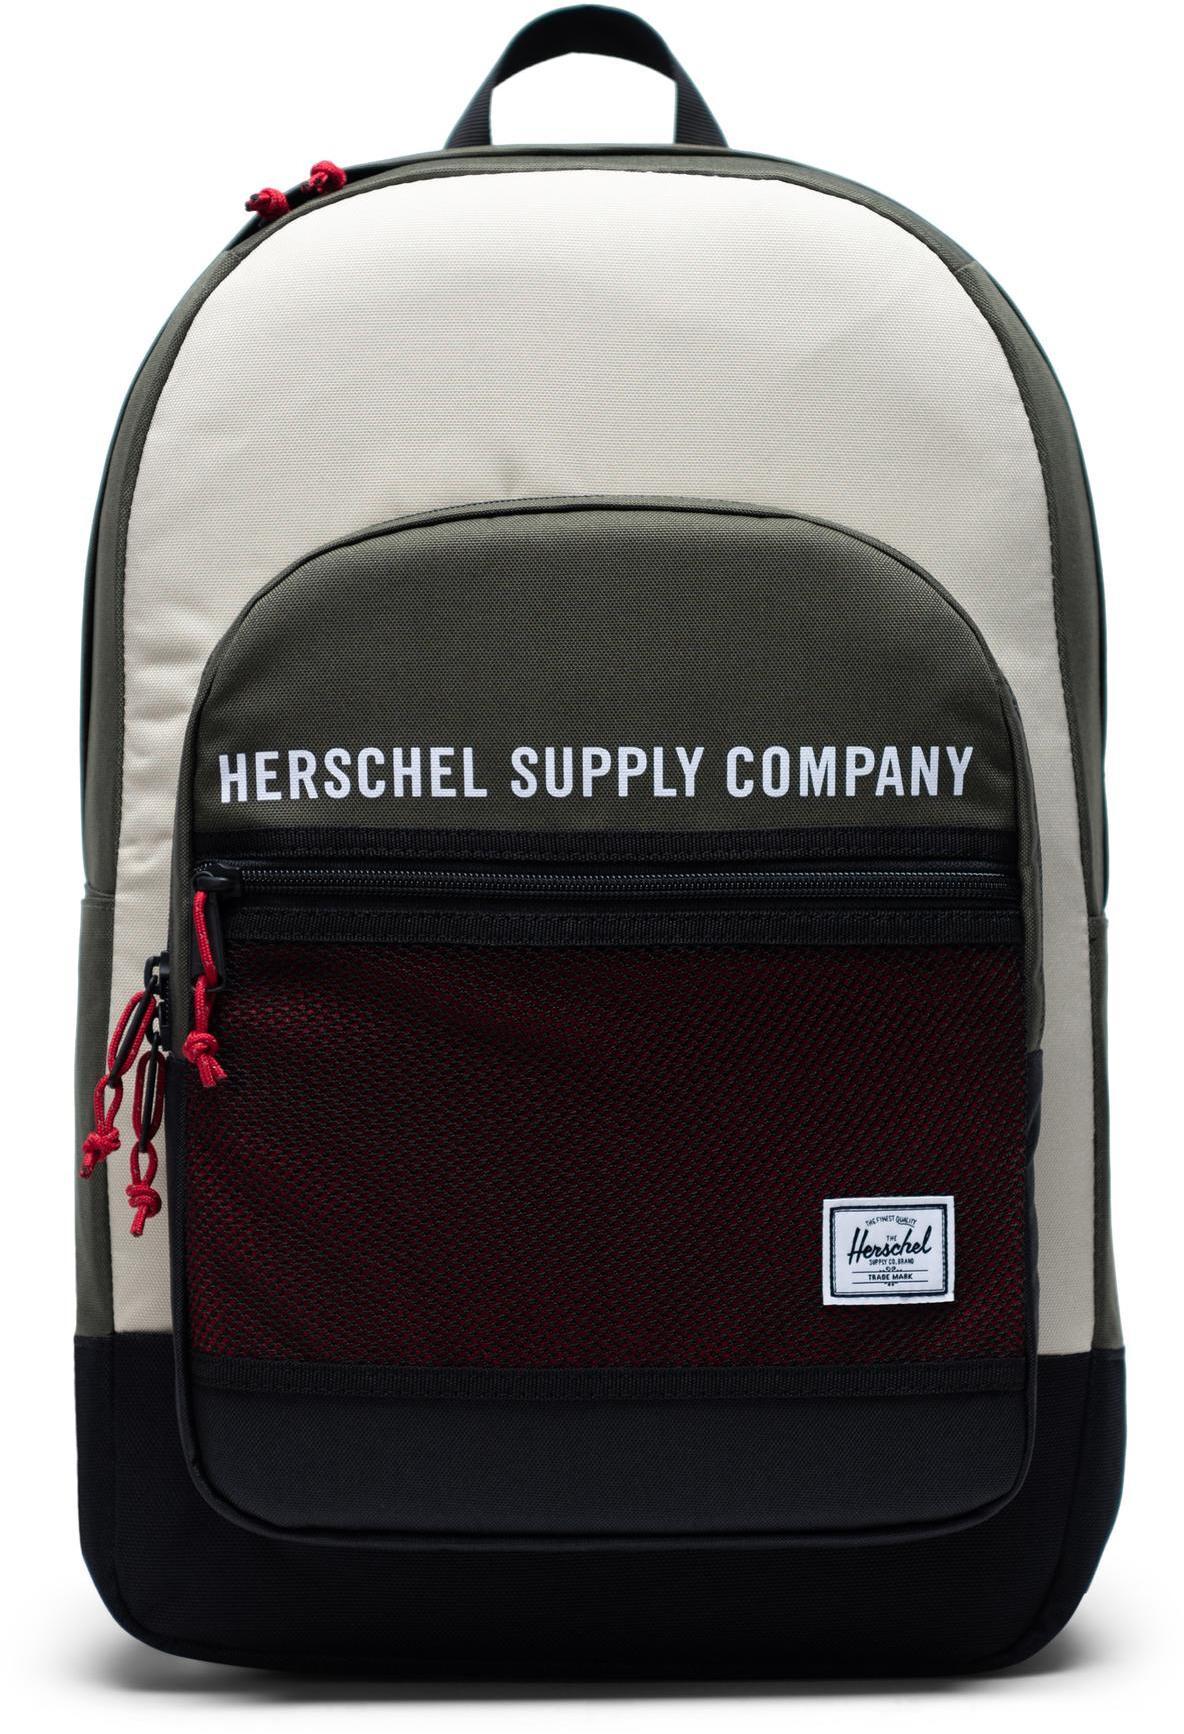 Herschel Kaine Backpack 30l, dark olive/overcast/black/red (2019)   Rygsæk og rejsetasker